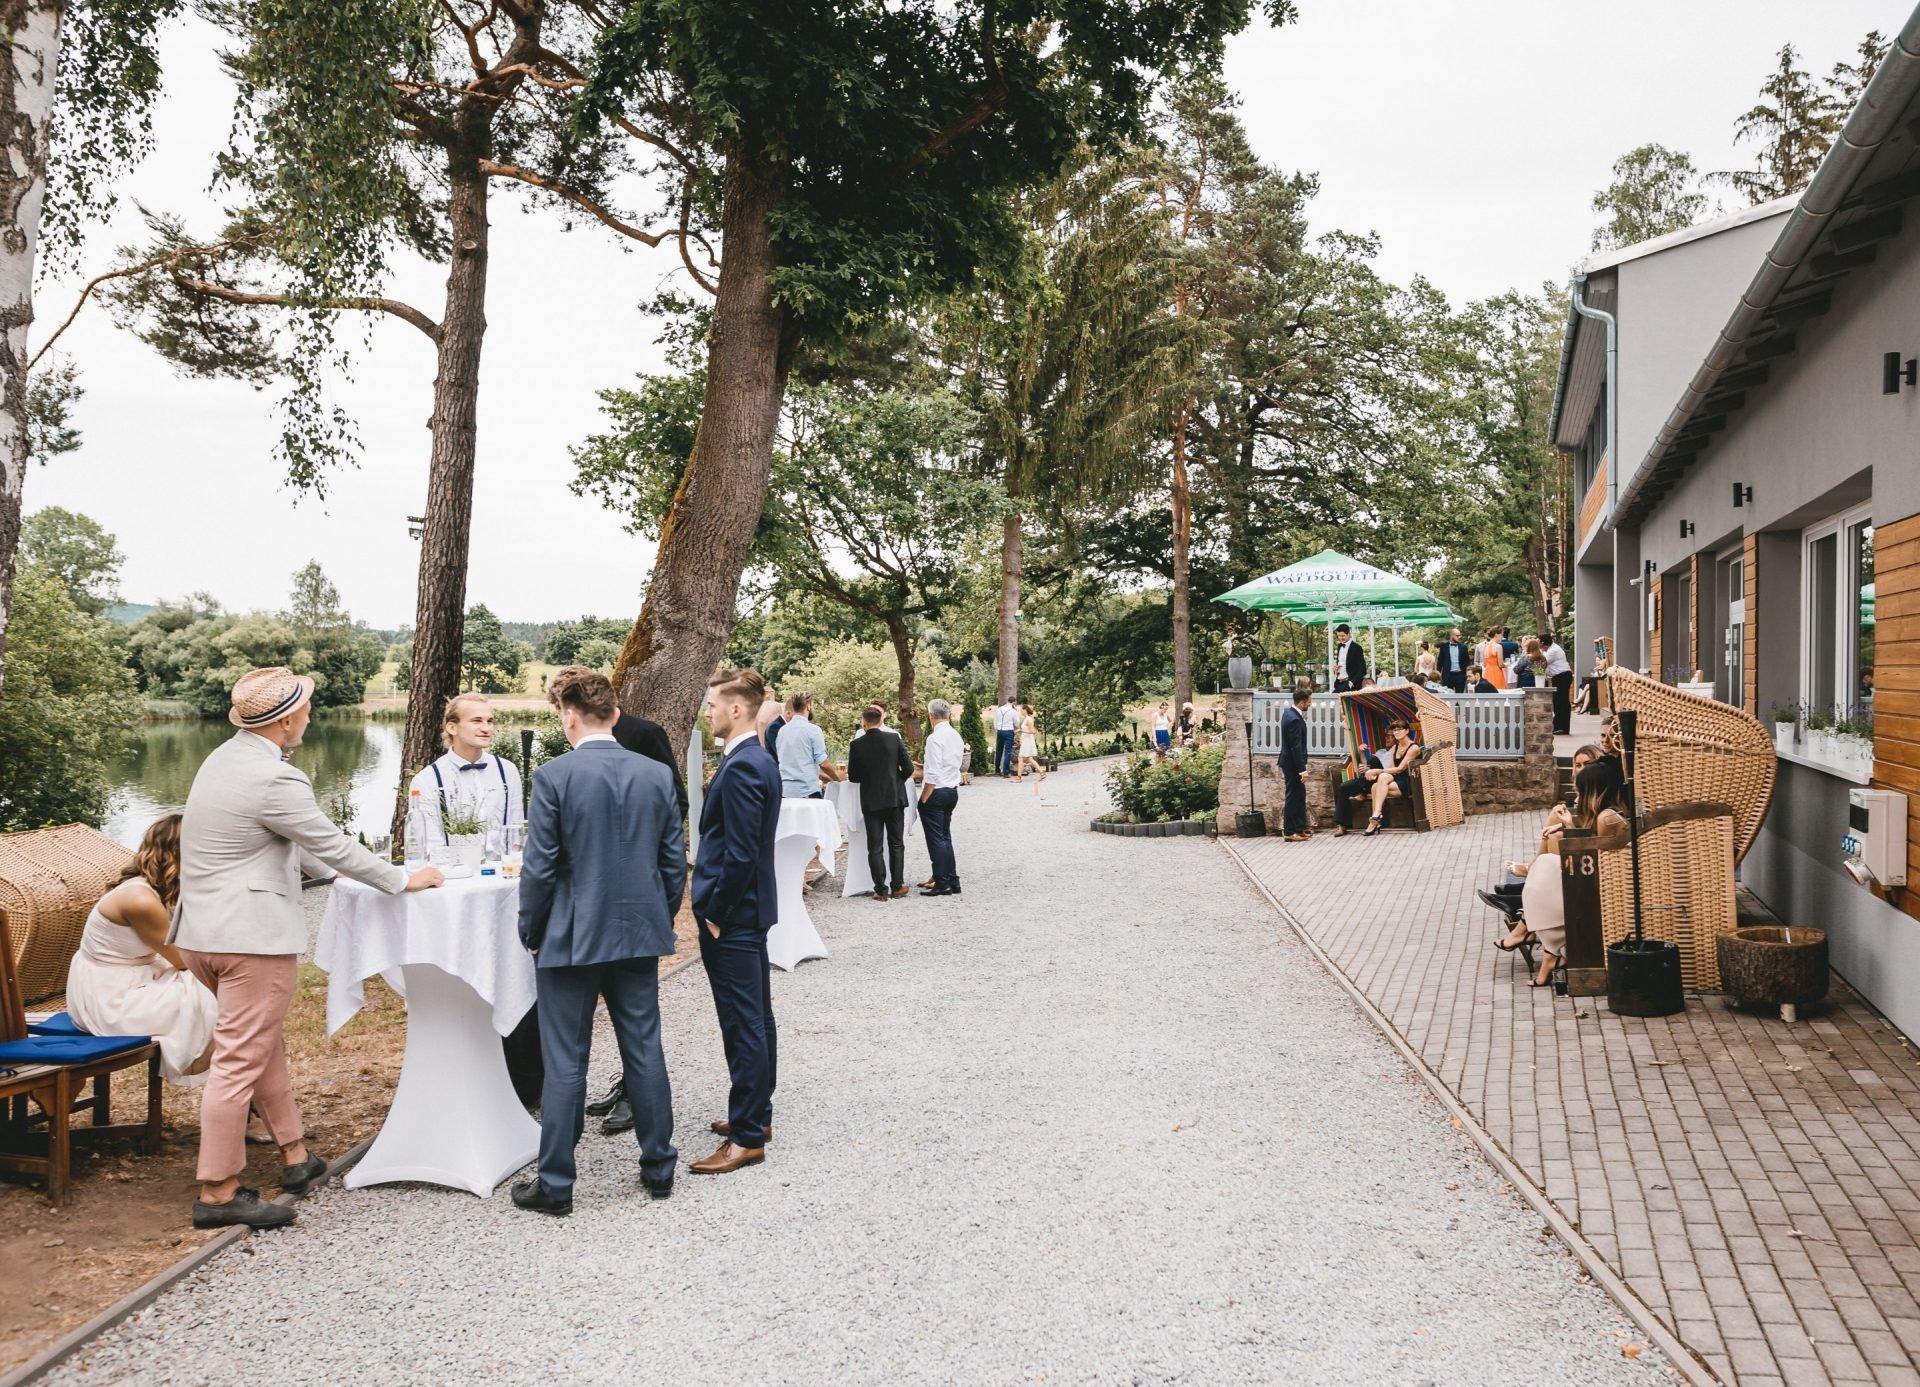 50mmfreunde Kranichfeld Hans am See Hohenfelden Hochzeit 1822 1920x1387 - Freie Trauung unter Freunden